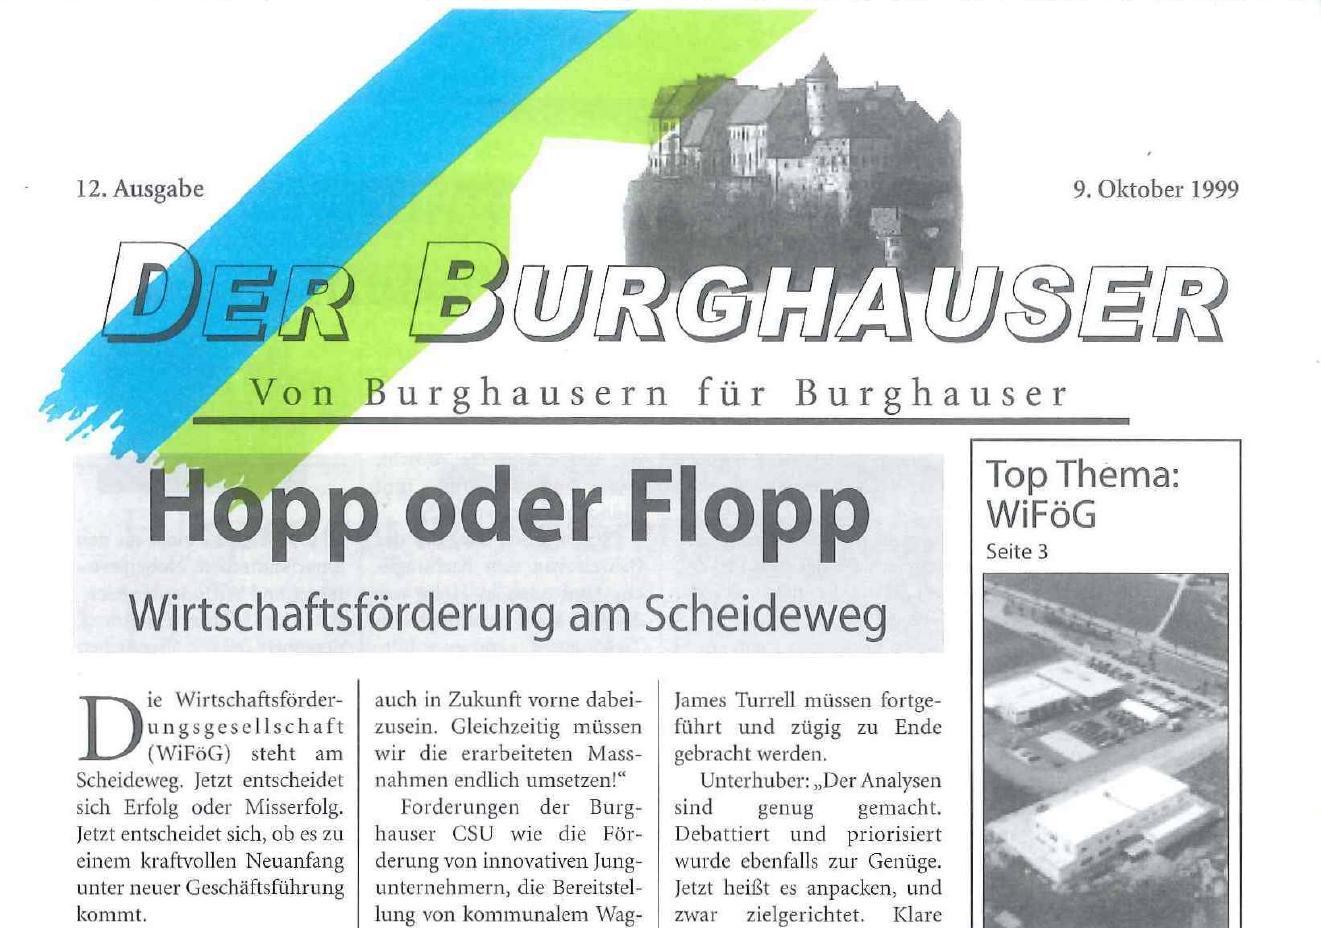 Der Burghauser_199910_titel